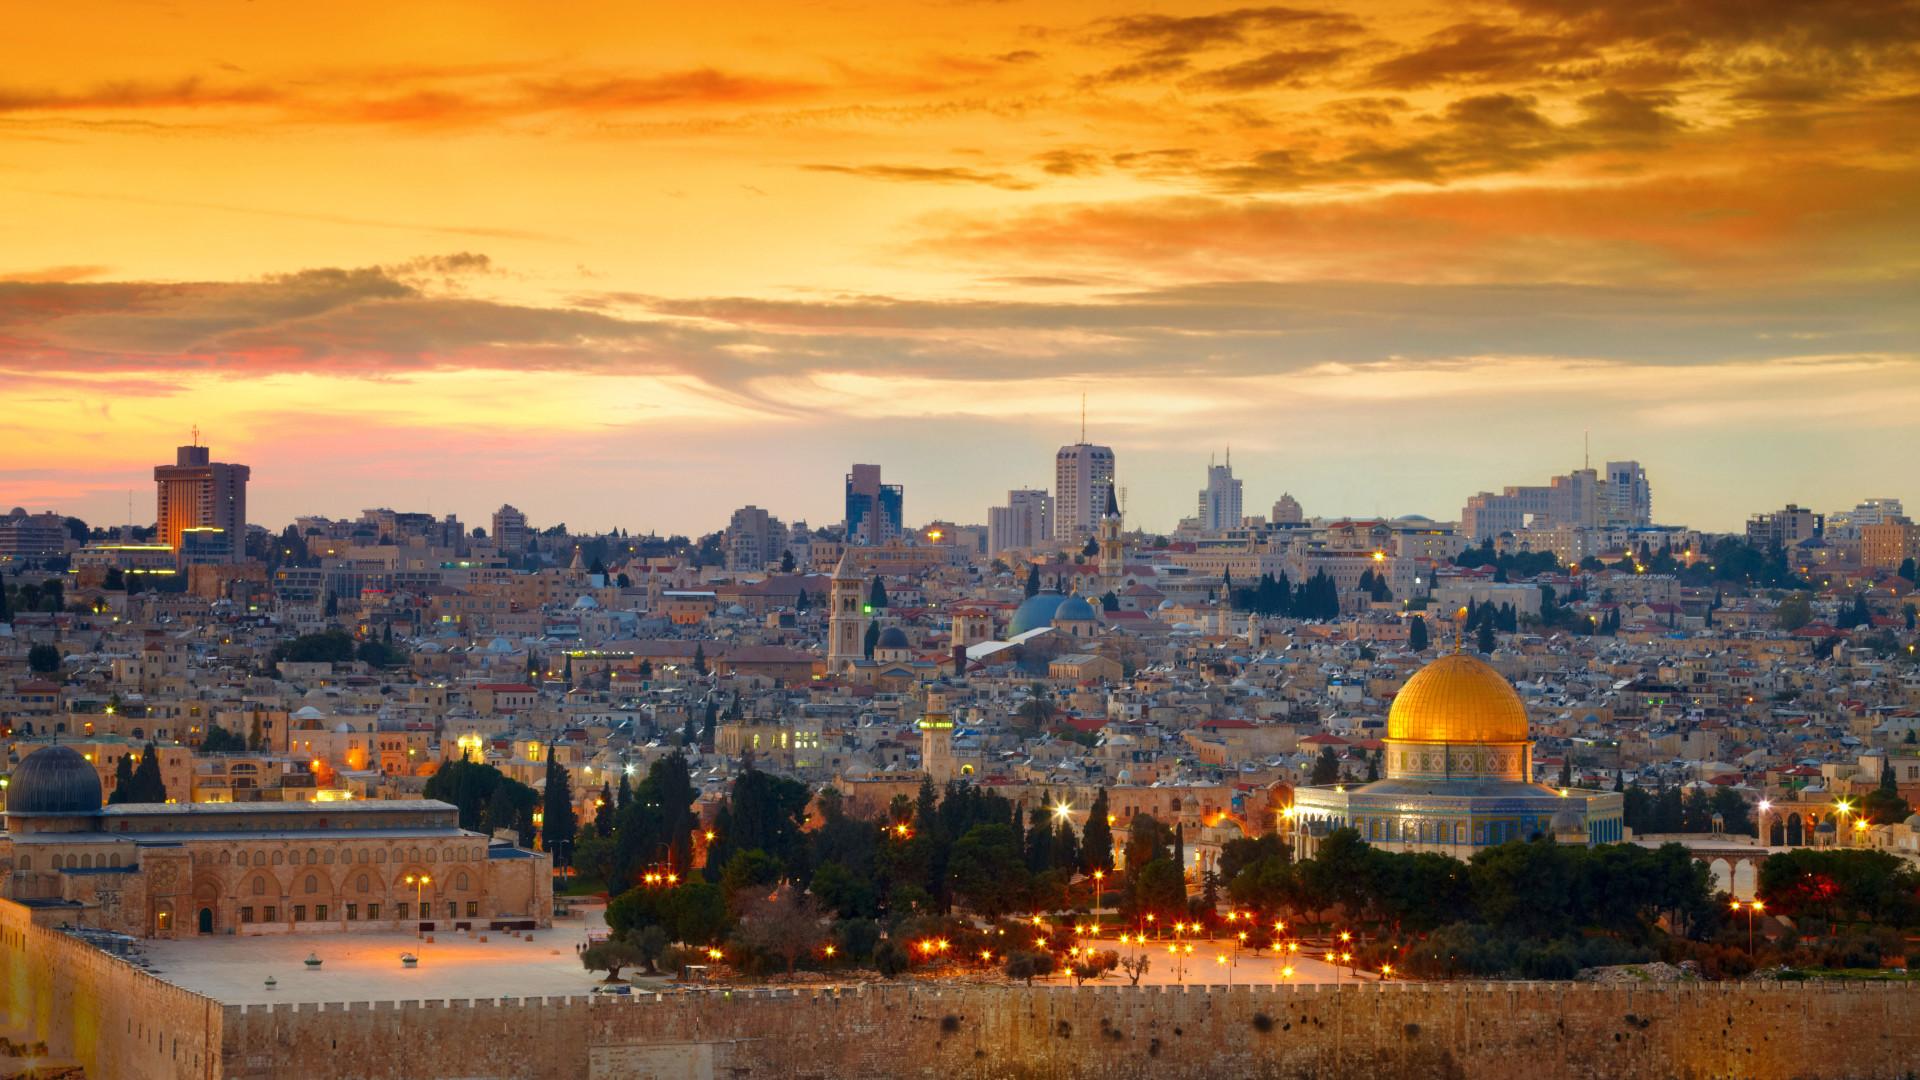 Priverondreis Israël - Jeruzalem